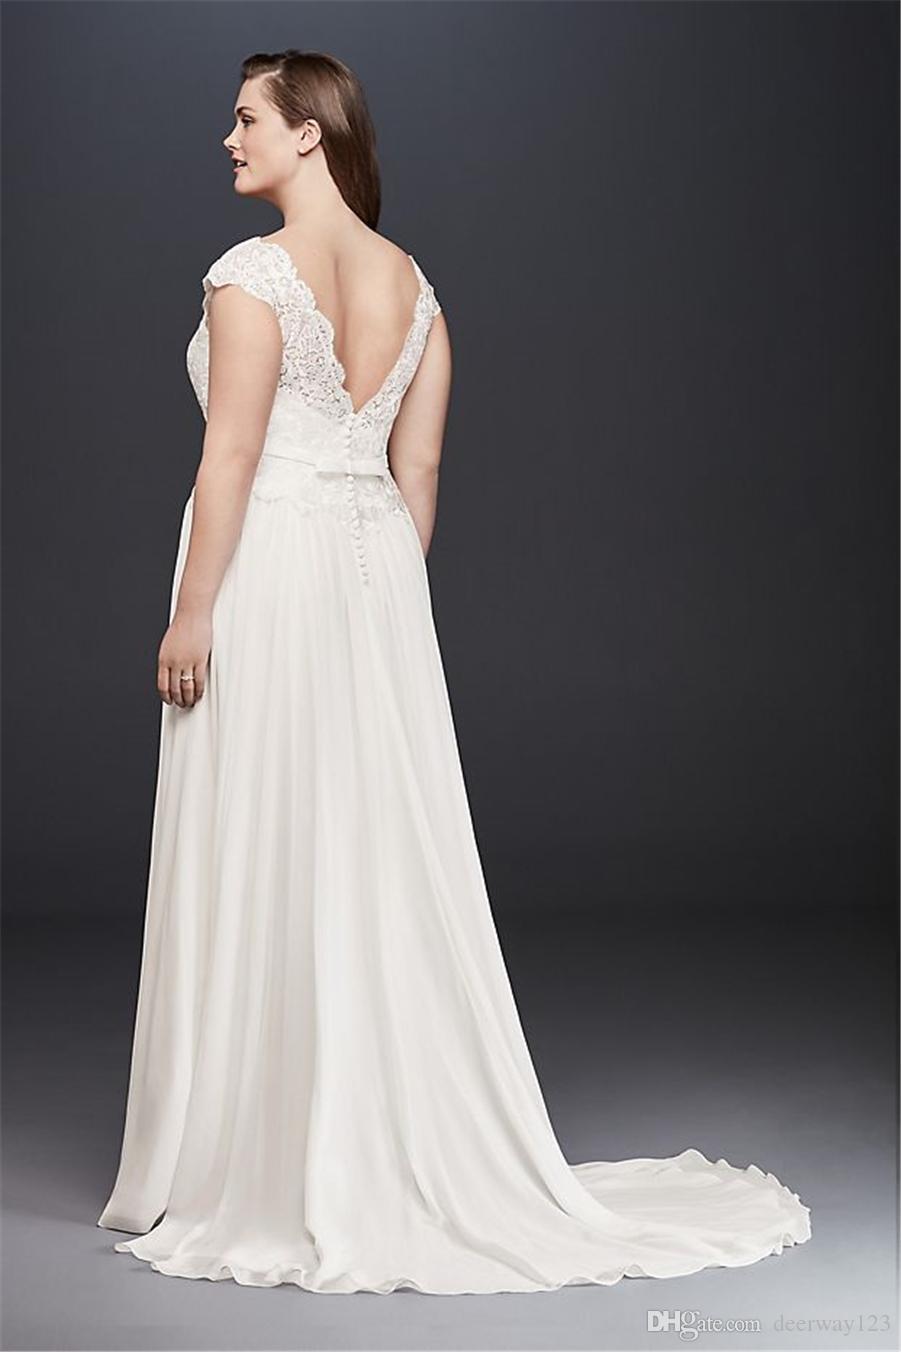 Иллюзионное кружевное и шифоновое свадебное платье больших размеров 9WG3851 с скользящим шлейфом свадебное платье свадебное платье vestido noiva casamento